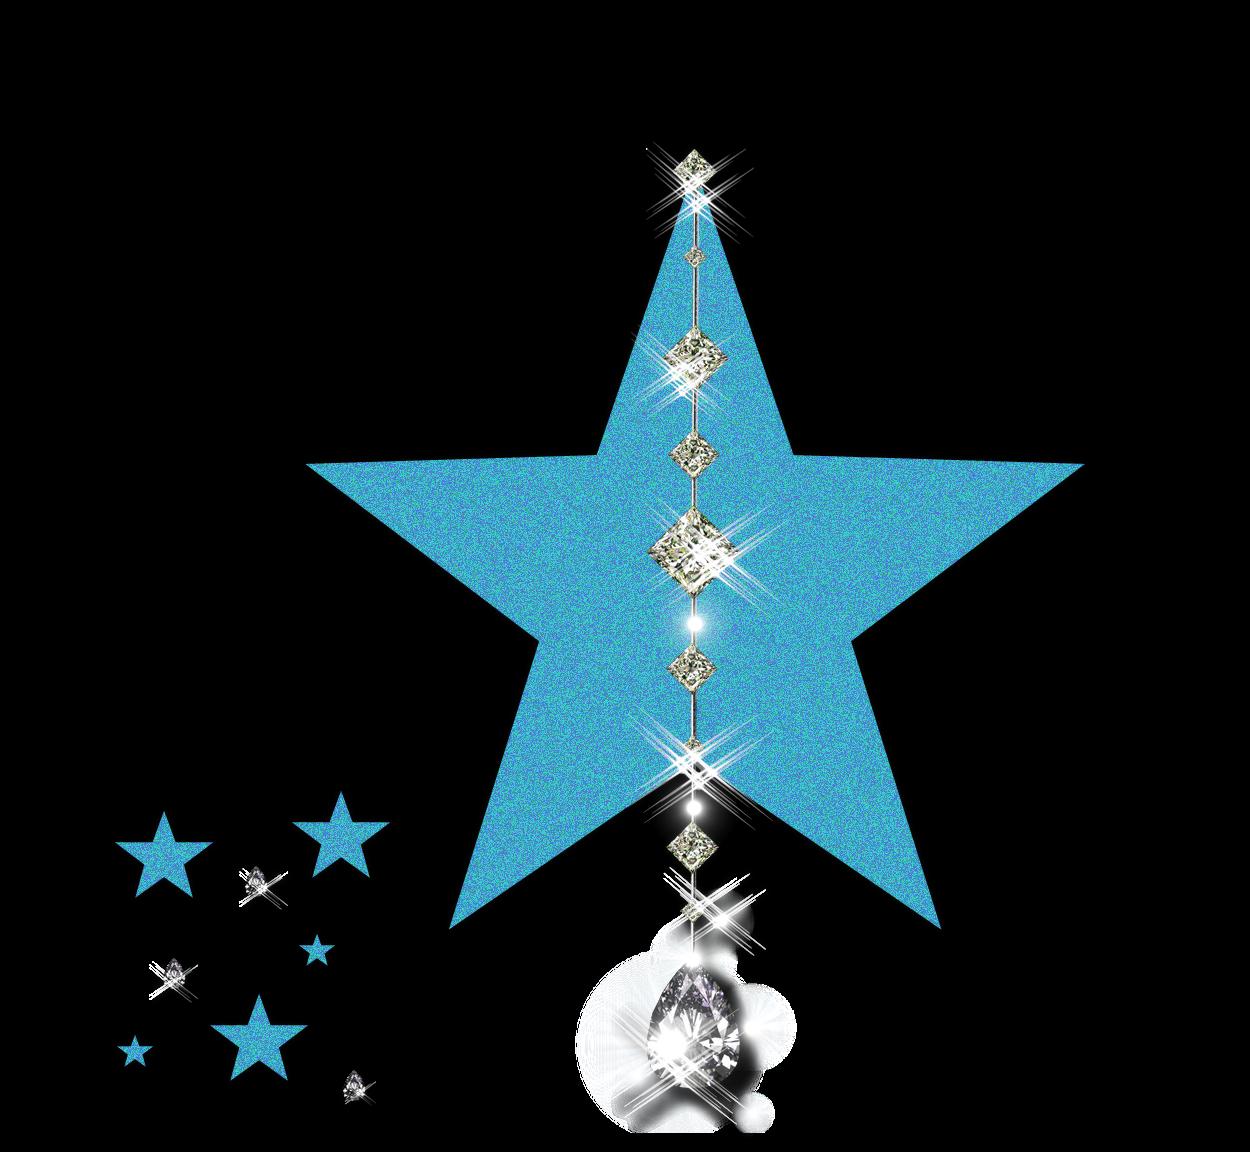 Star clip art pinterest. Clipart balloon shooting